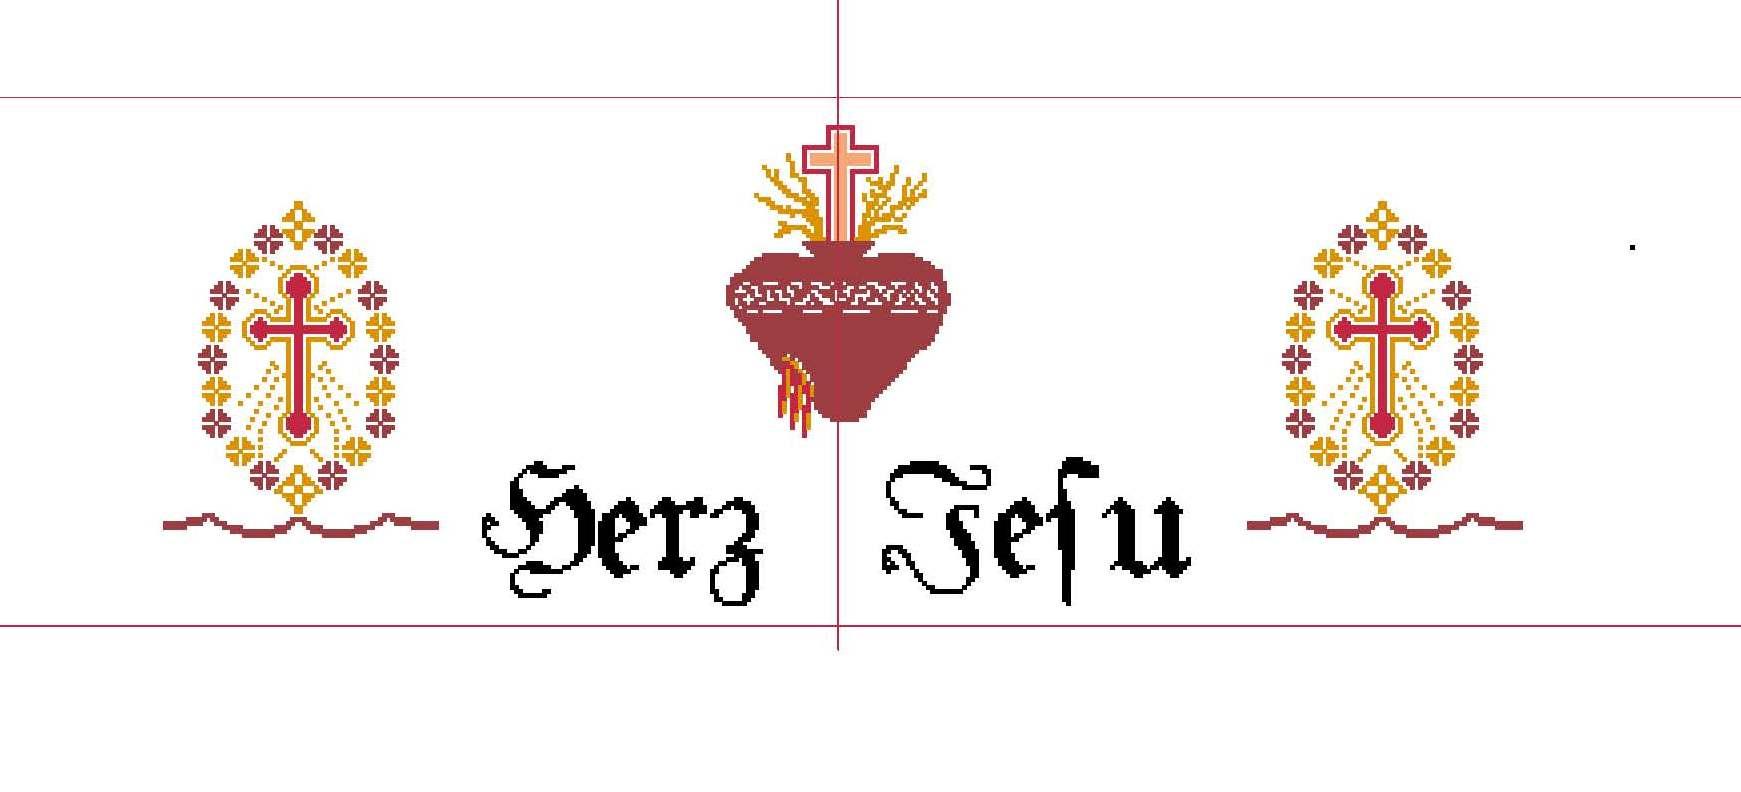 Altartuch - Herz Jesu